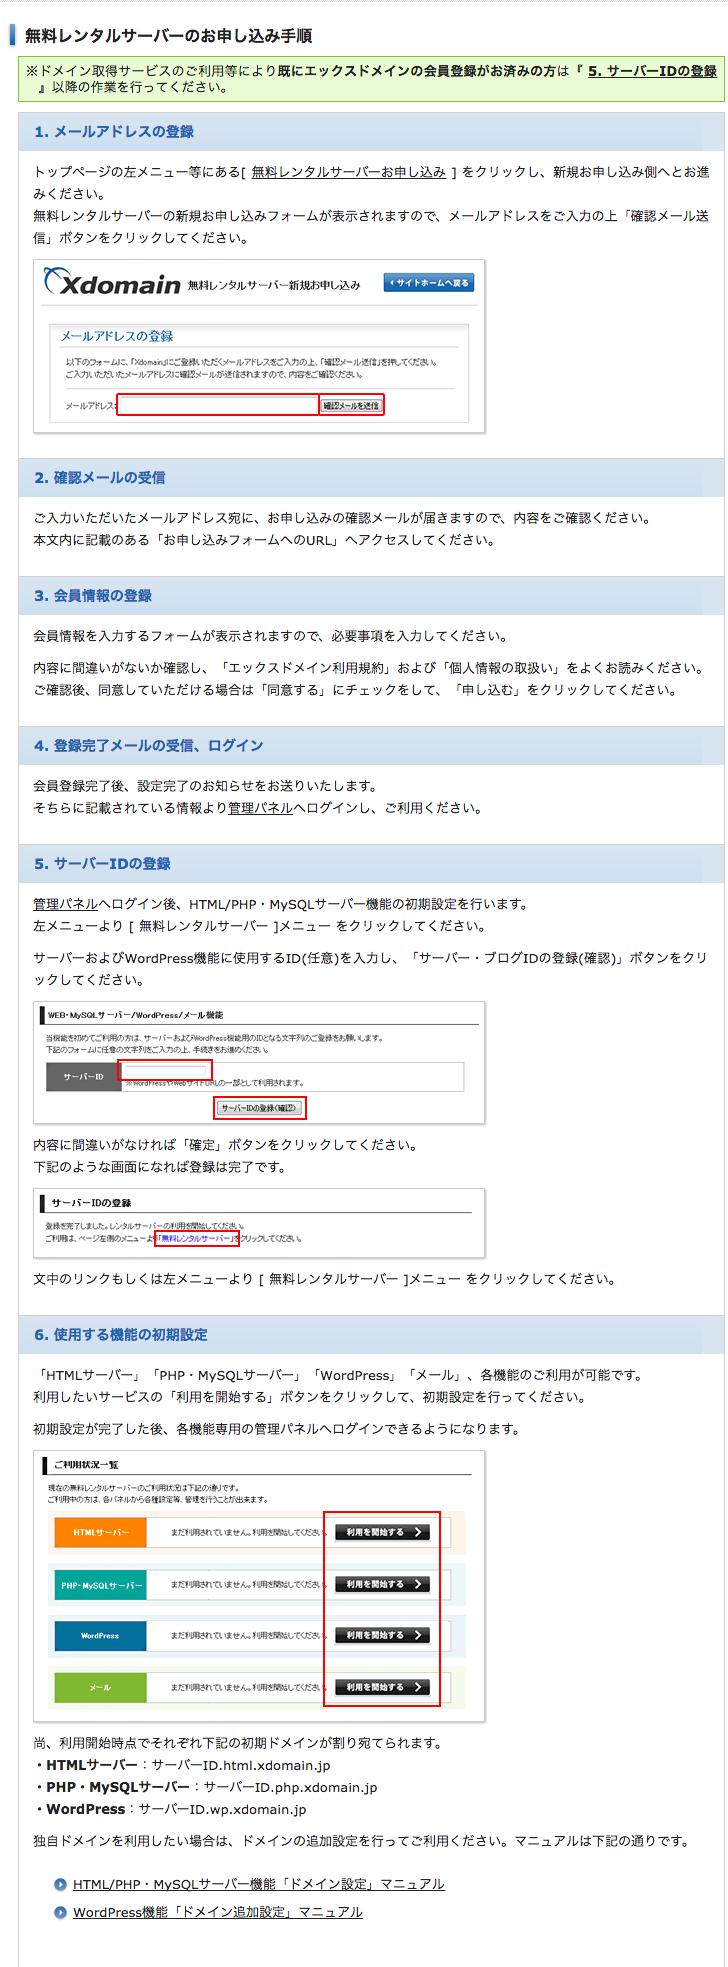 エックスドメイン 無料レンタルサーバー アカウント作成手順